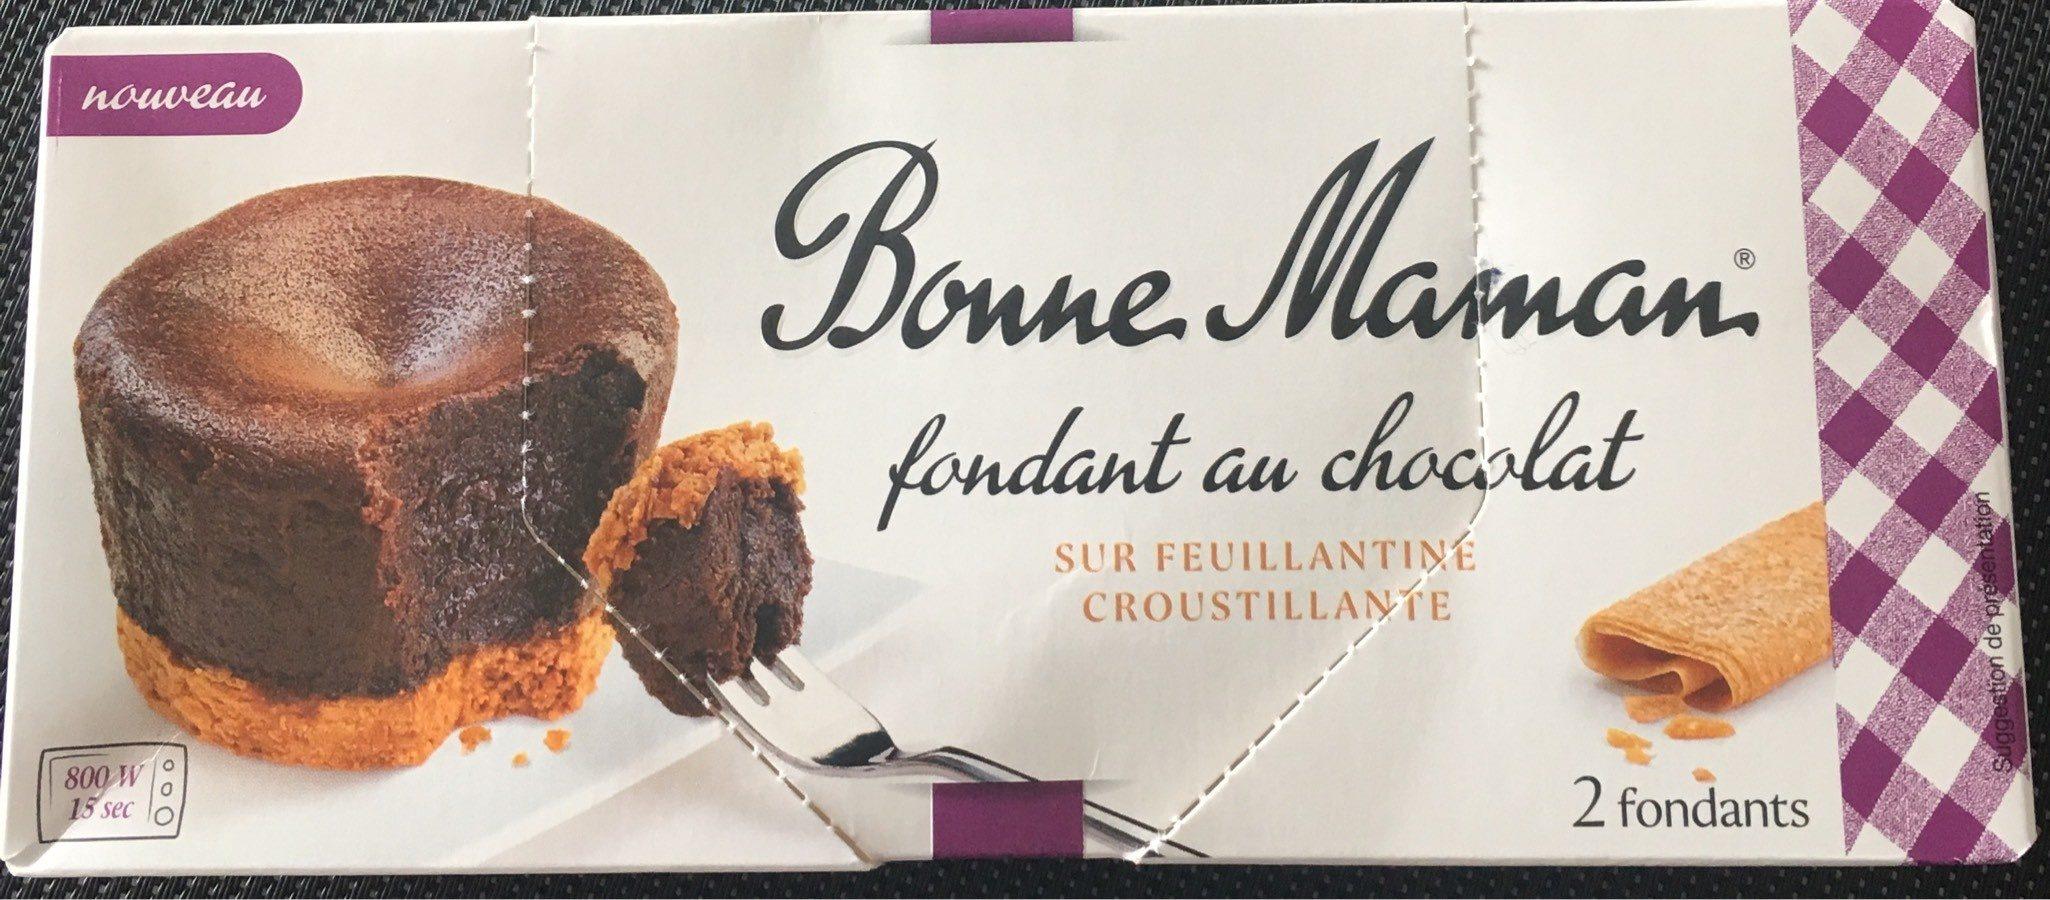 Fondant au chocolat sur feuillantine croustillante - Produit